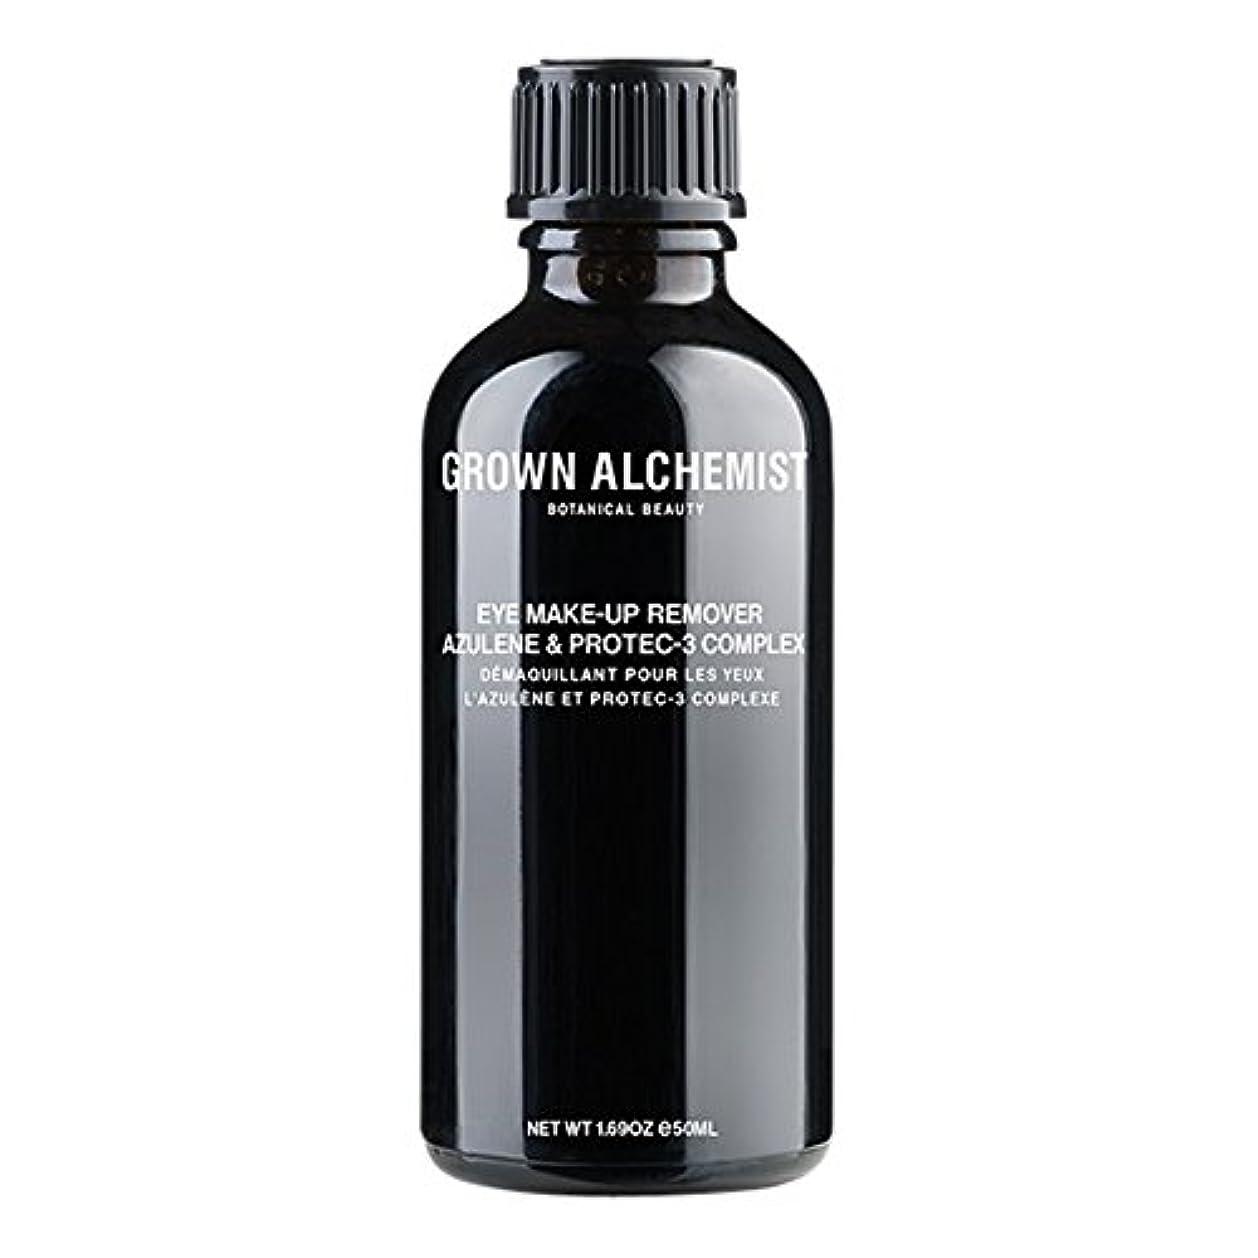 インディカ退却悪性成長した錬金術師アズレン&Protec-3アイメイクアップリムーバーの50ミリリットル (Grown Alchemist) - Grown Alchemist Azulene & Protec-3 Eye-Makeup Remover 50ml [並行輸入品]